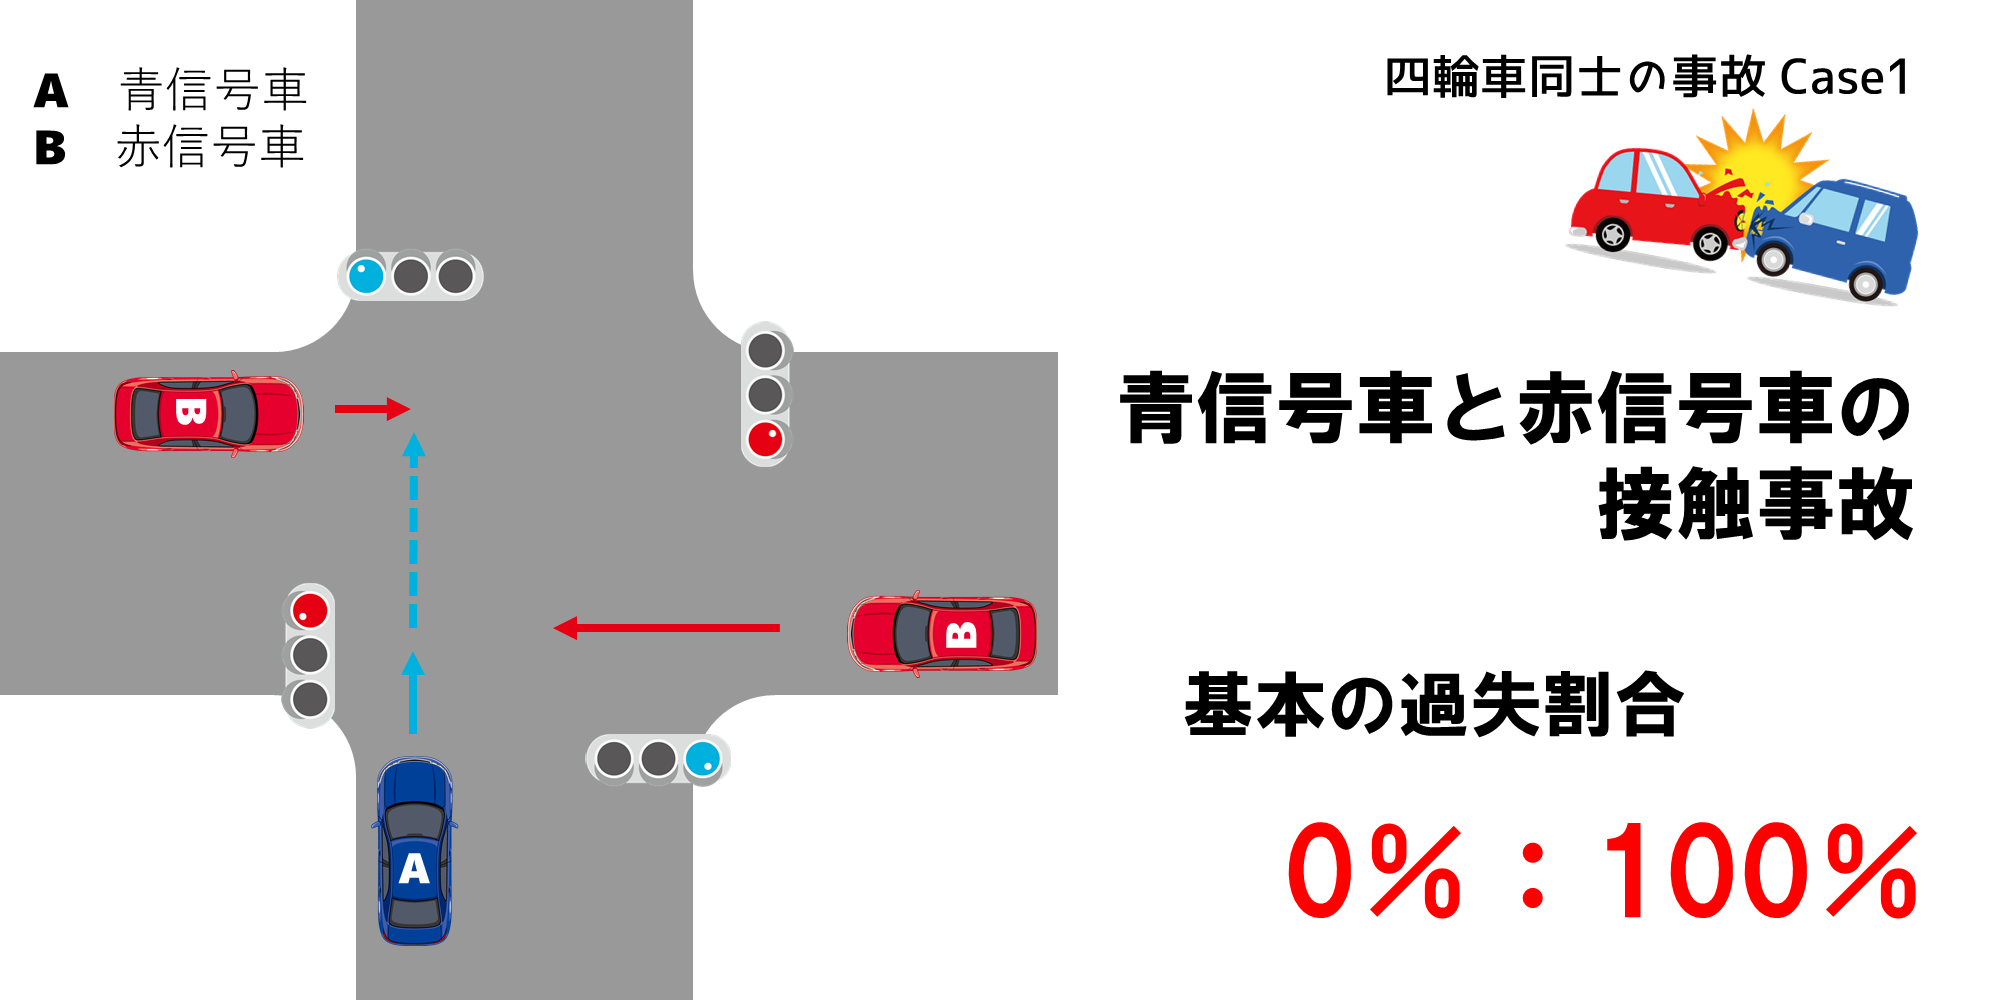 青信号と赤信号の接触事故